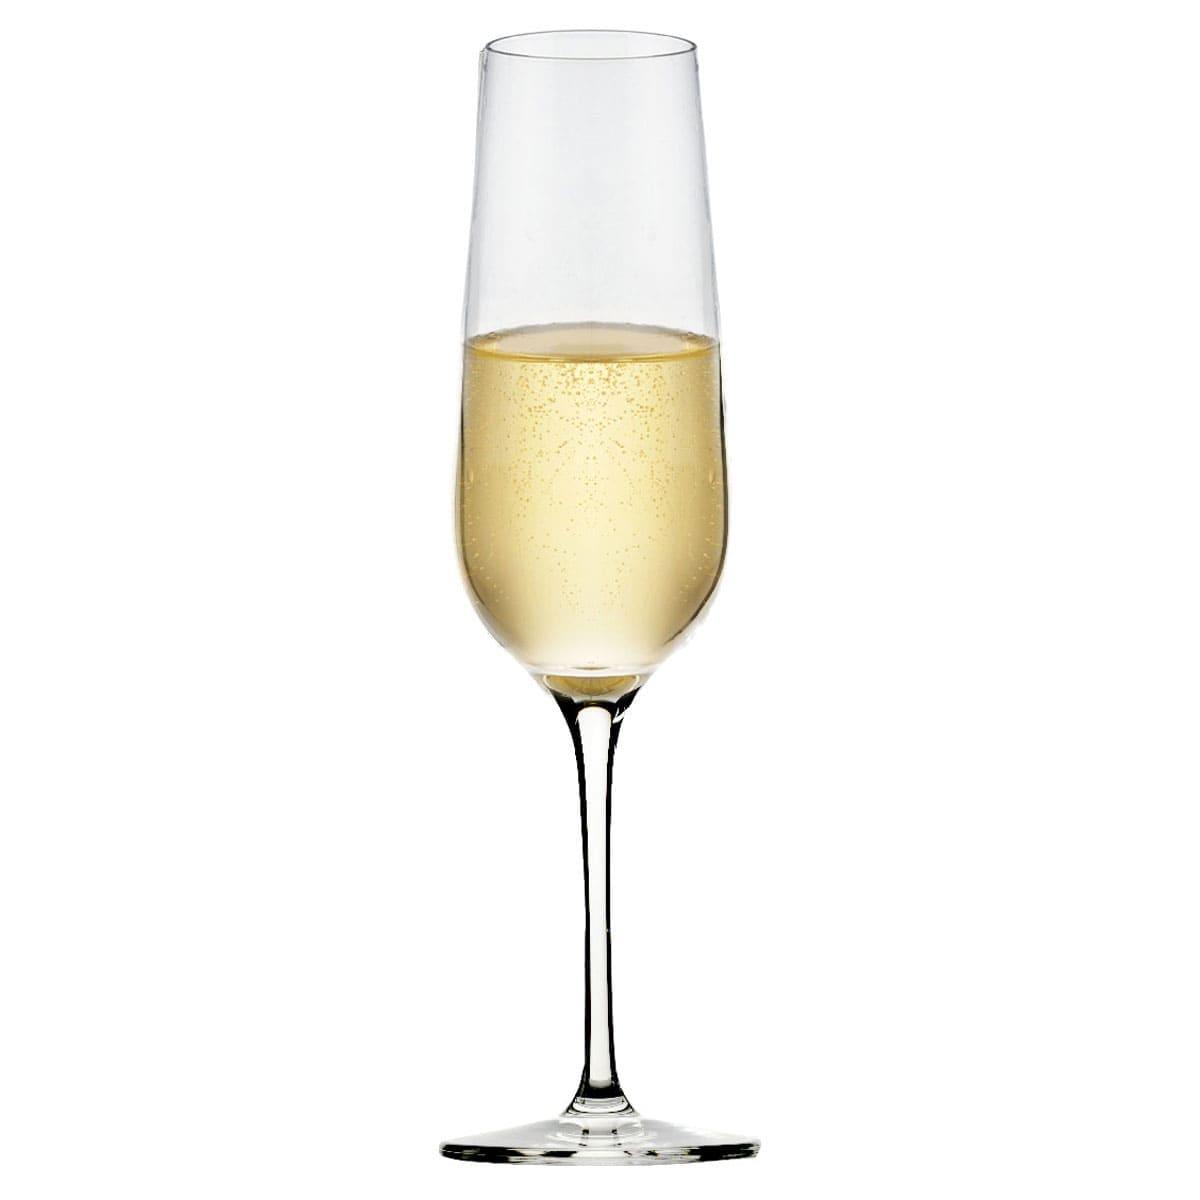 Taça Sensation Vinho Champagne 200ml (Caixa com 12 unidades)